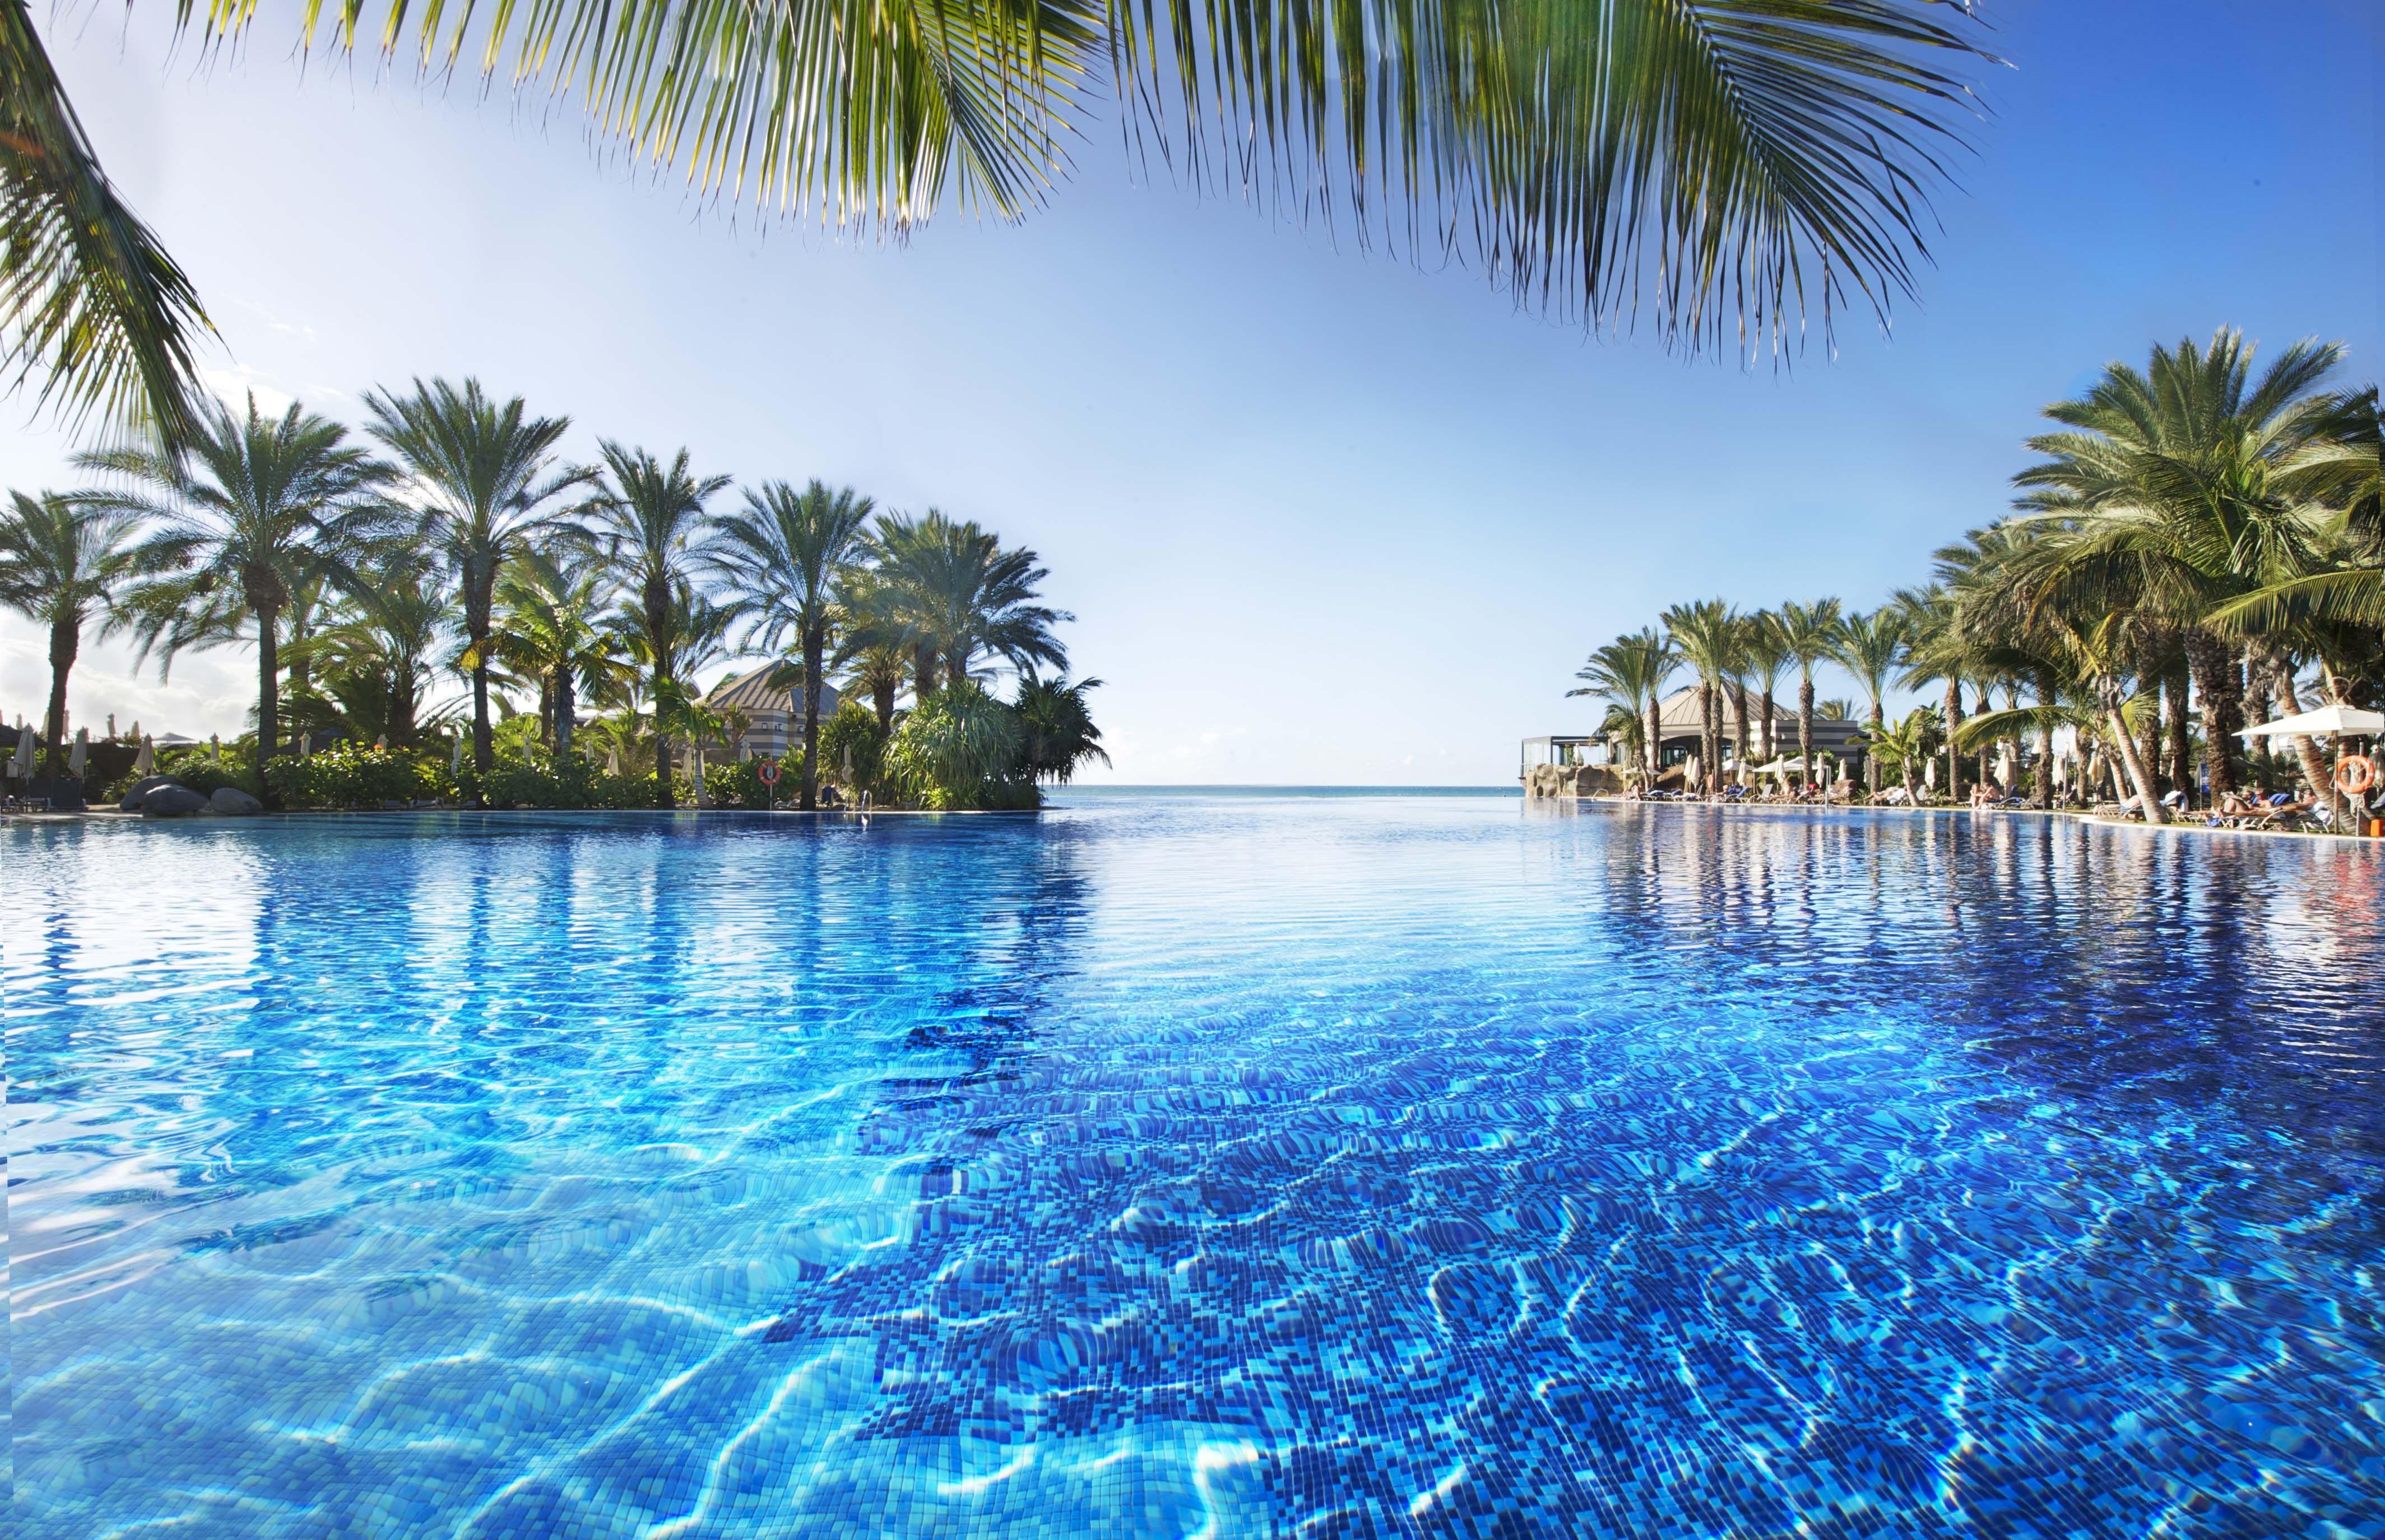 El hotel Lopesan Costa Meloneras Resort